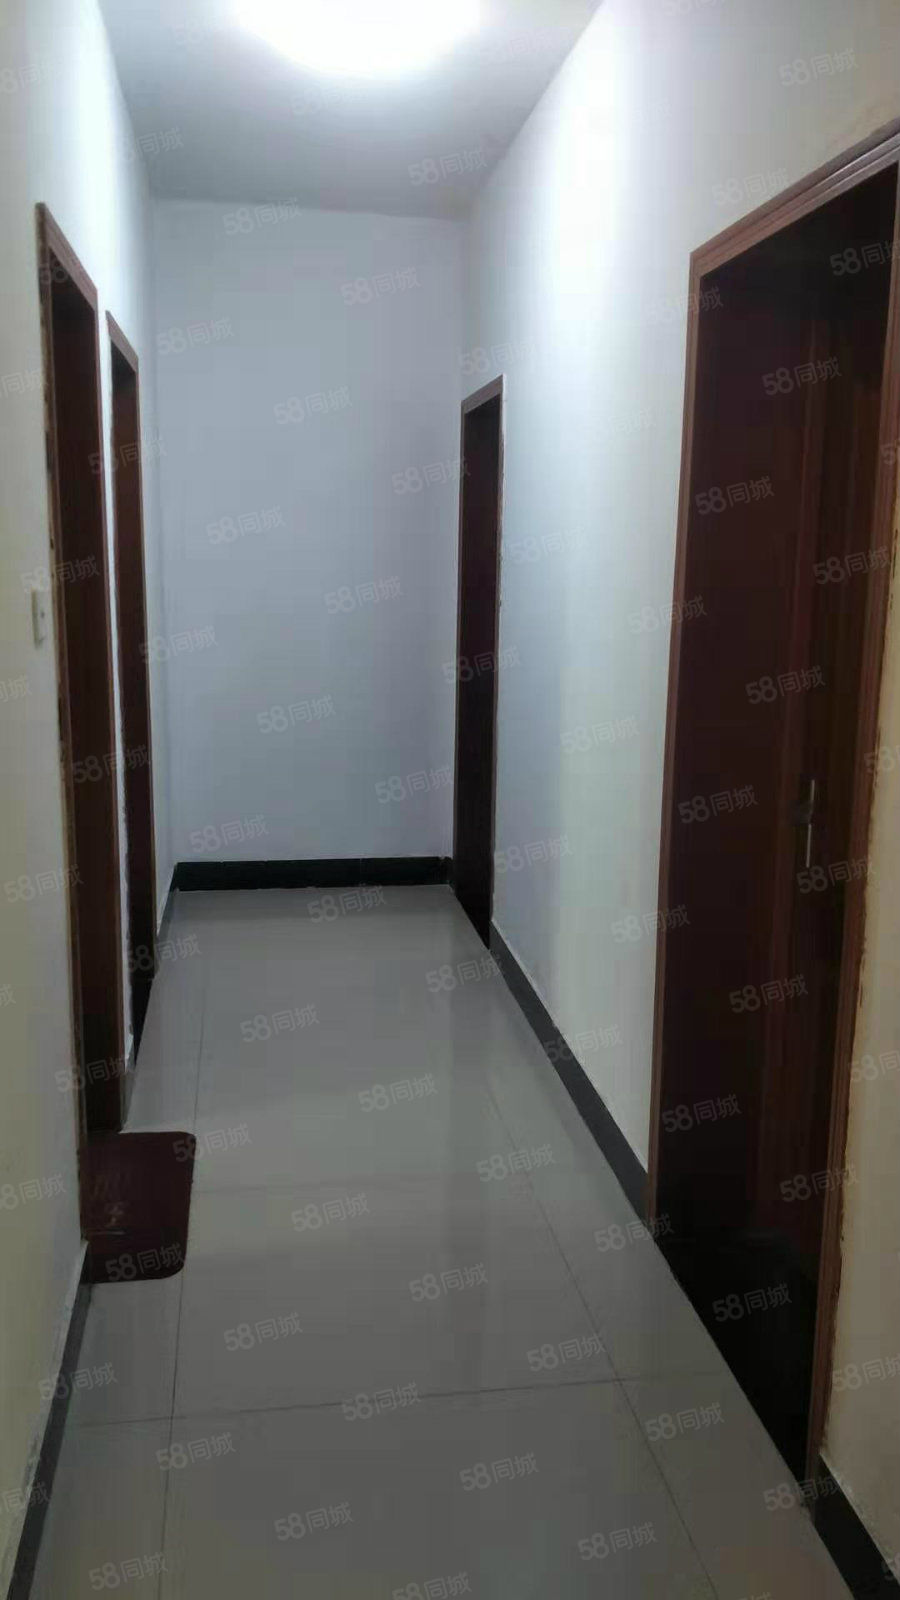 香頌雅苑1樓3室2廳2衛12儲藏室128平85萬降價了83